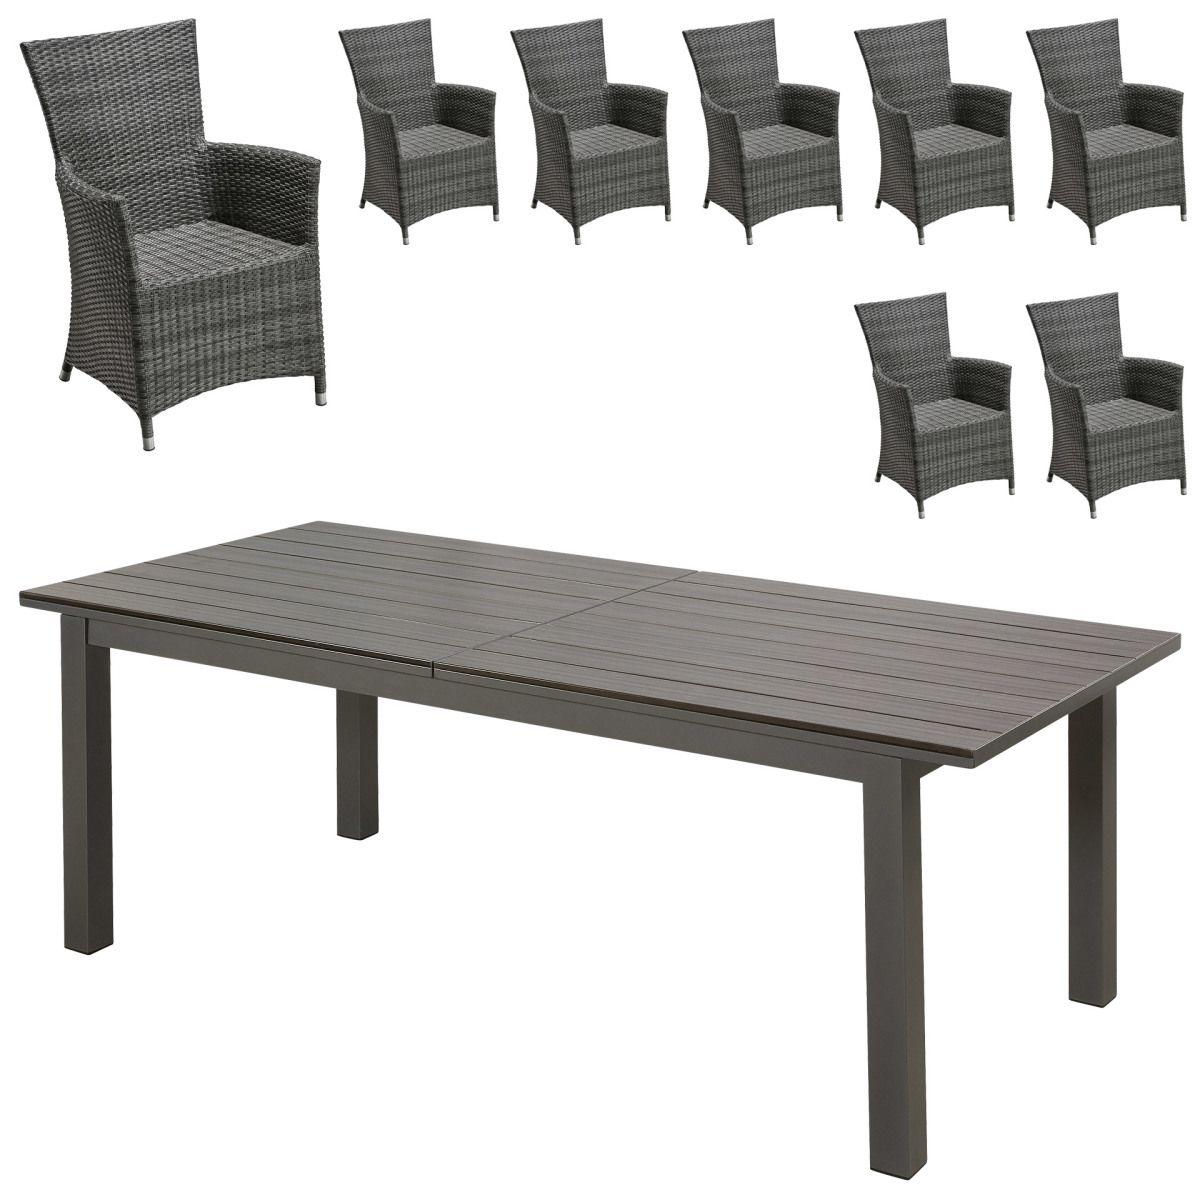 Gartenmöbel Set California/Kansas (1 Tisch, 8 Stühle, ausziehbar